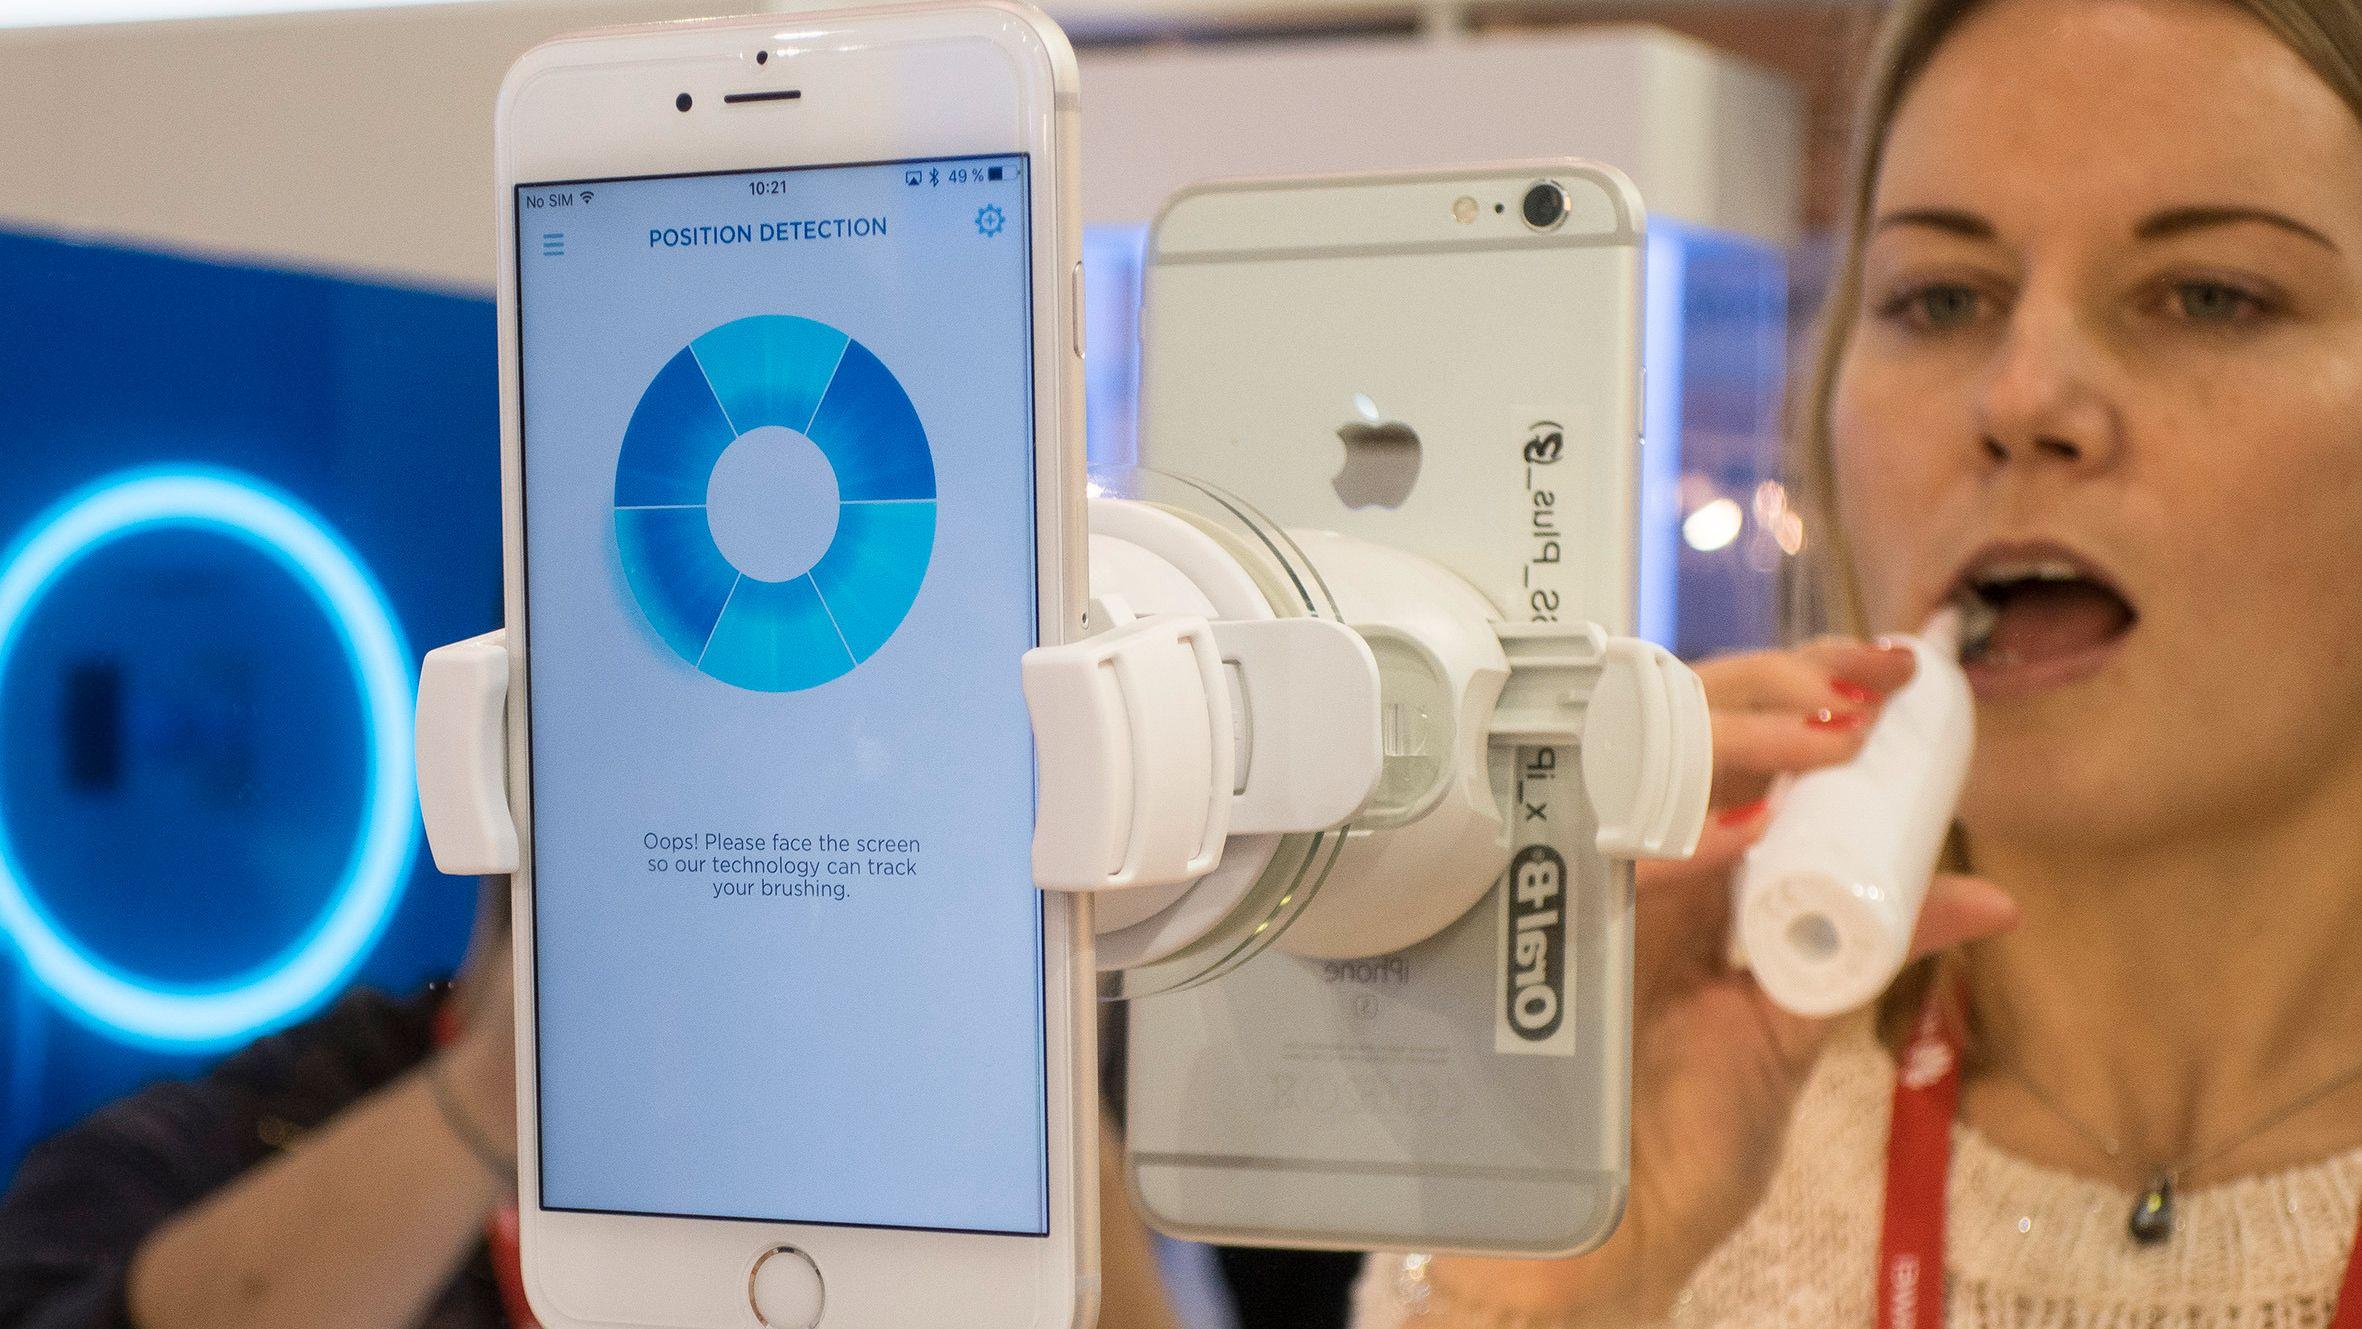 Denne tannbørsten kan snakke norsk med mobilen din